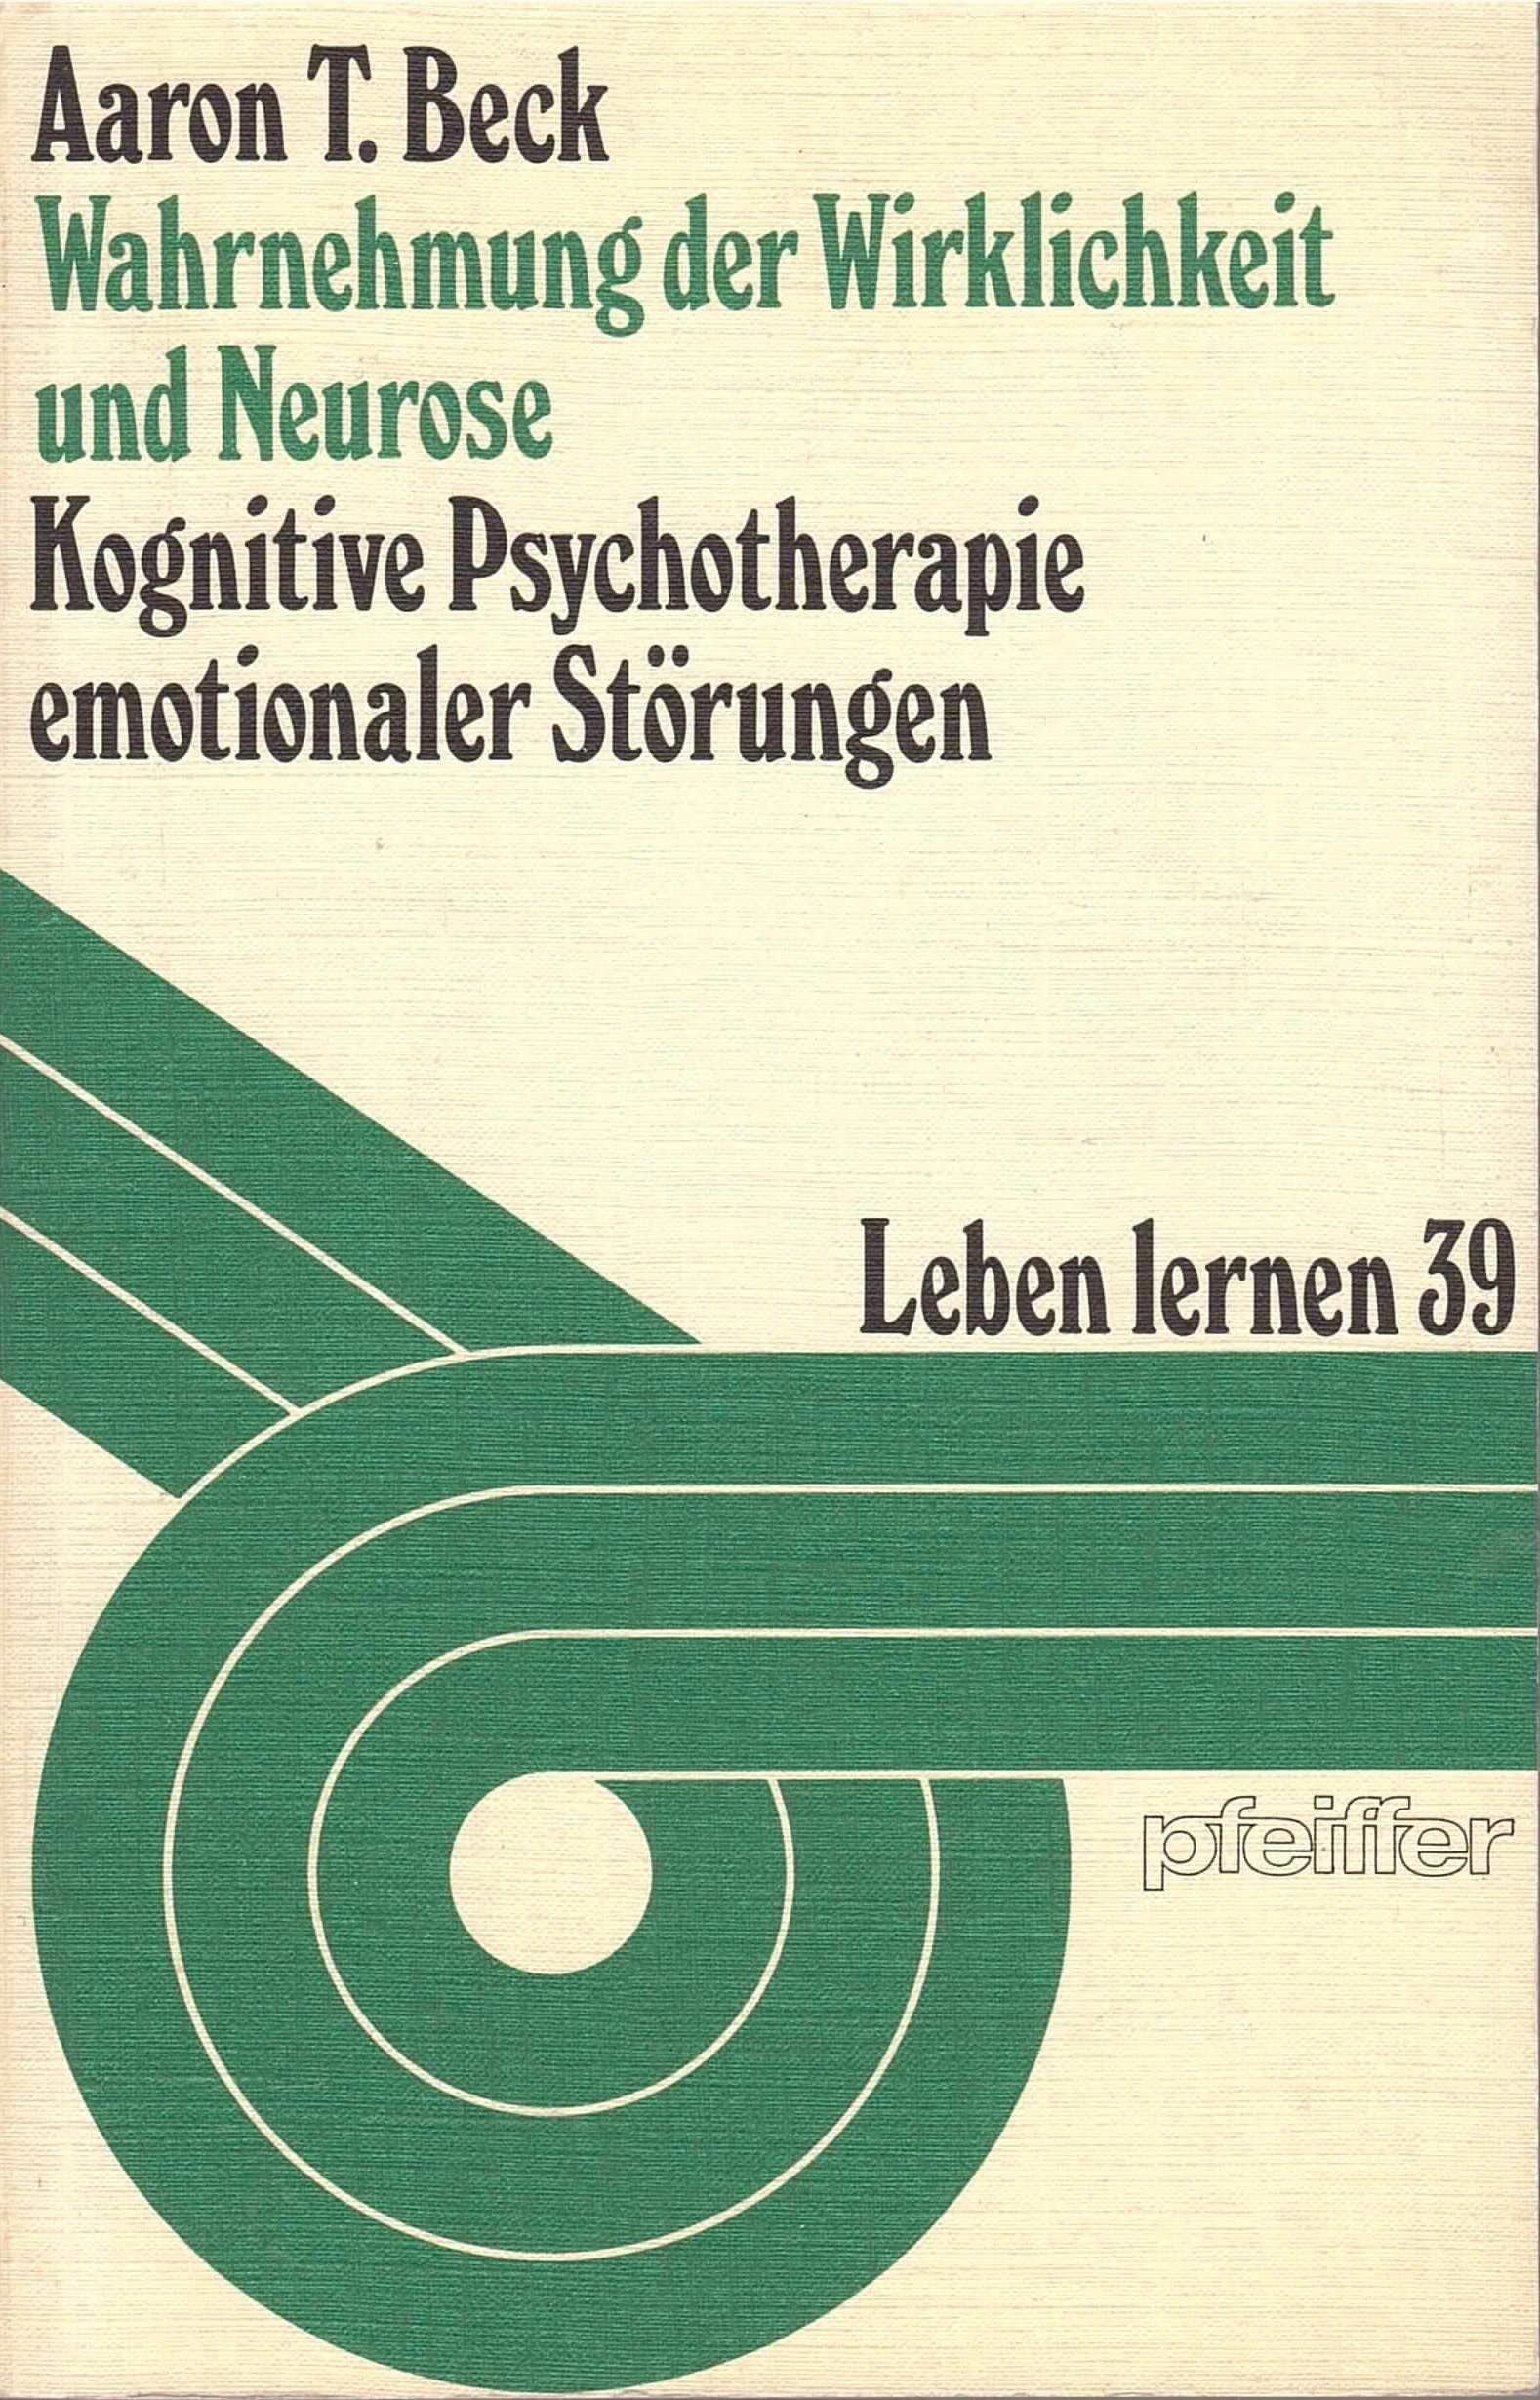 Wahrnehmung der Wirklichkeit und Neurose. Kognitive Psychotherapie emotionaler Störungen